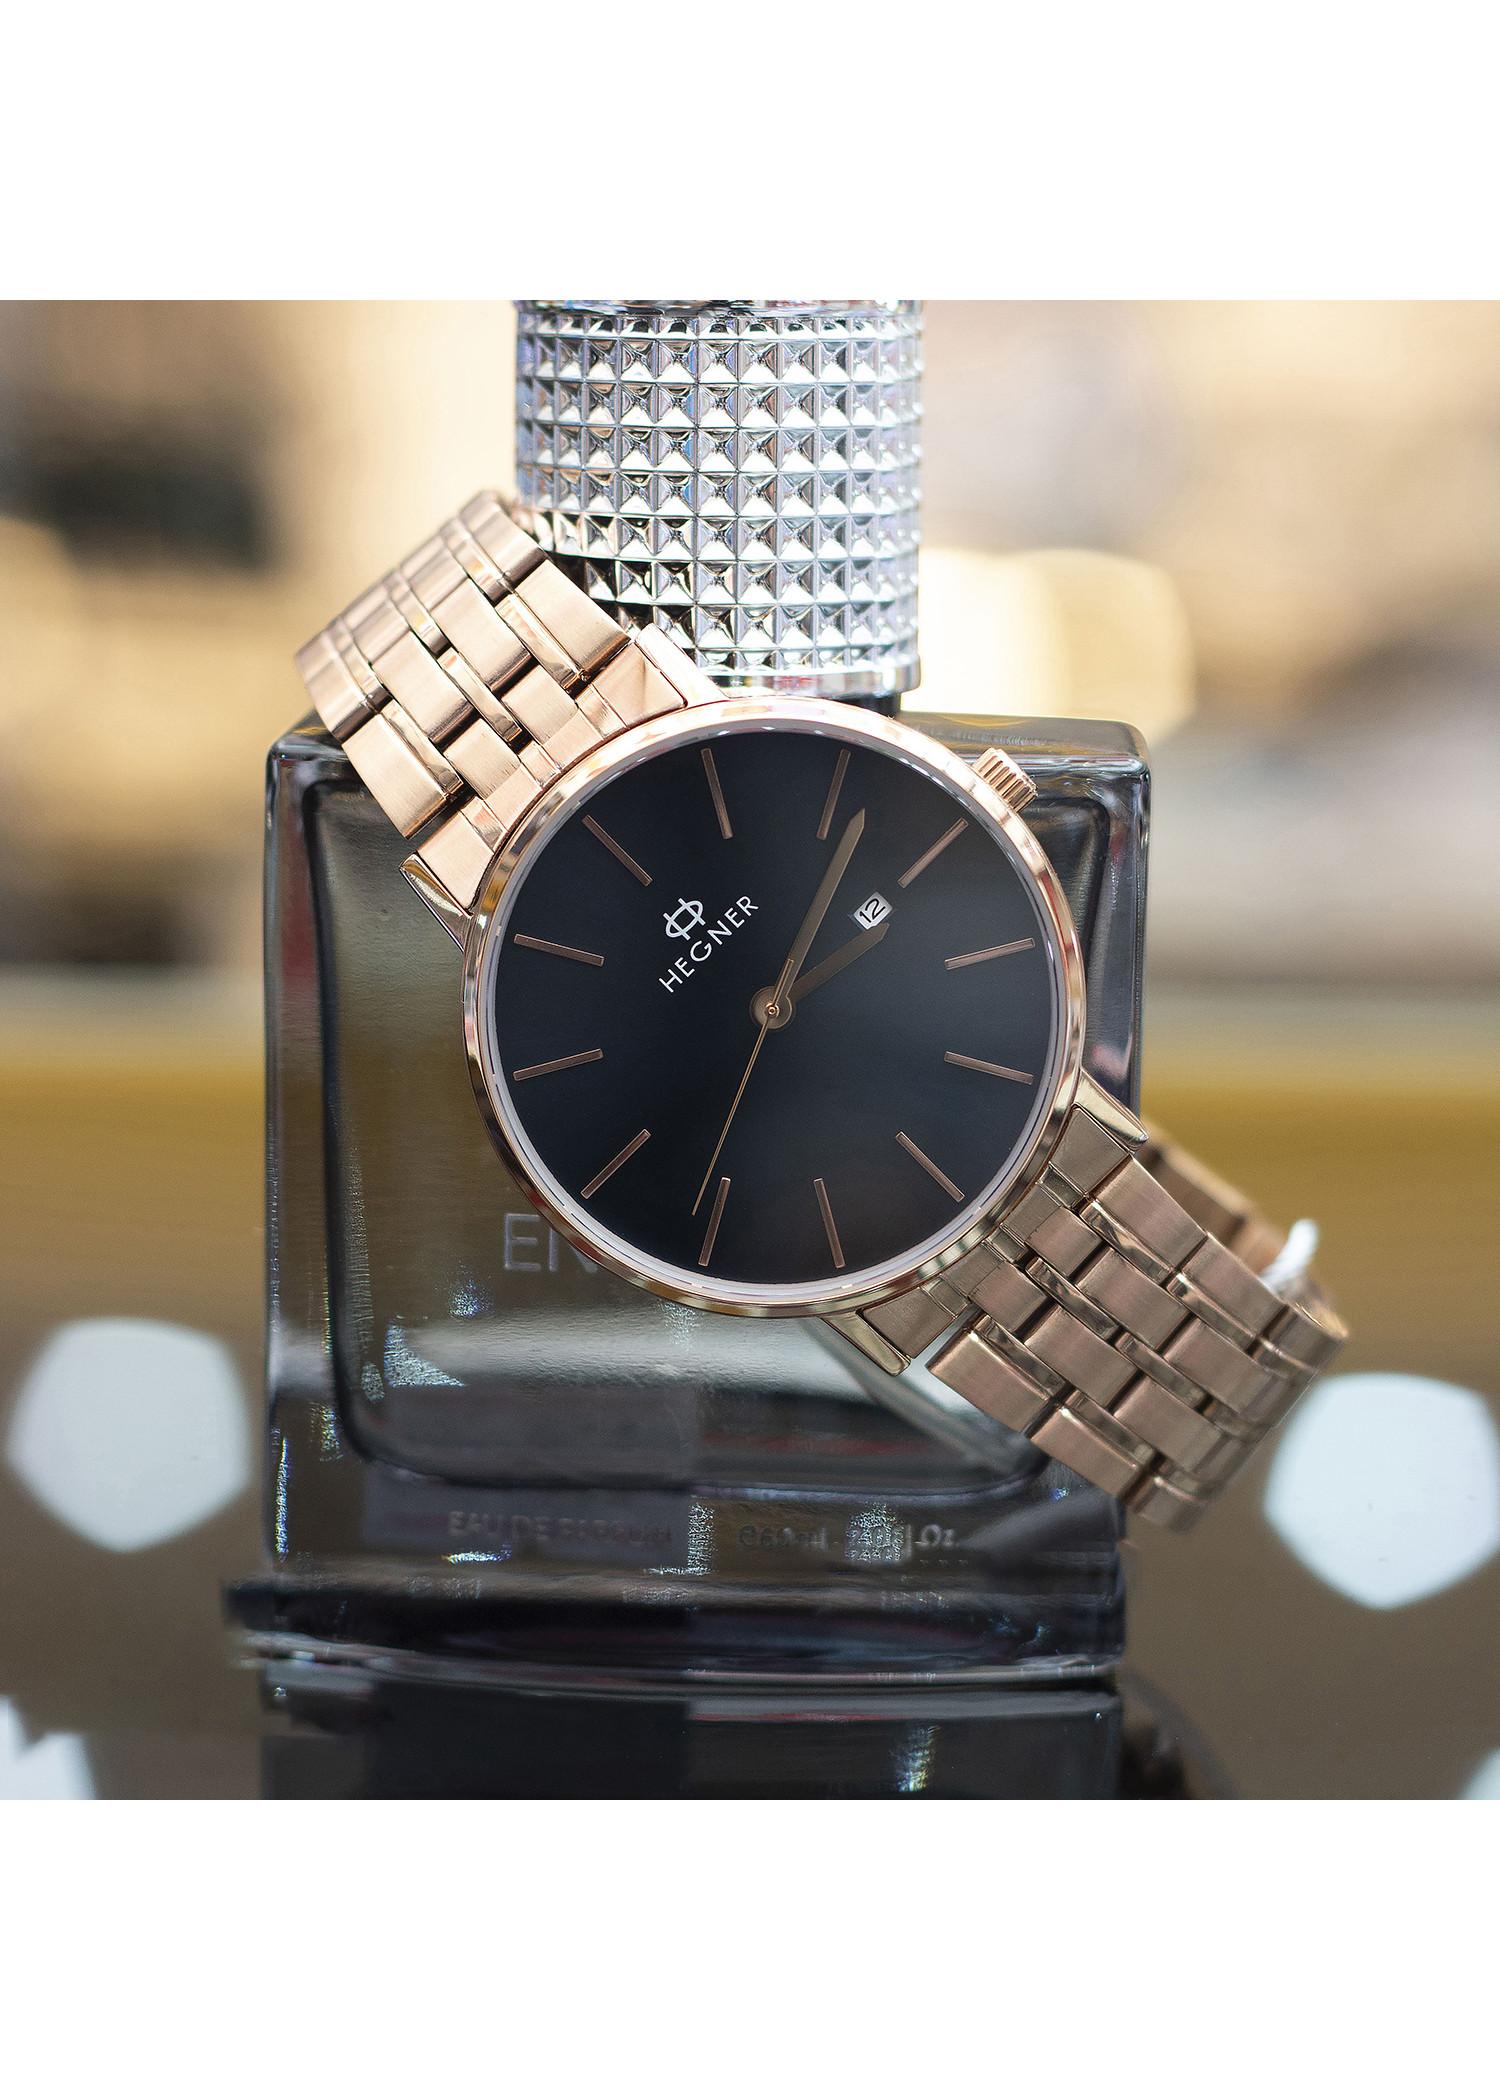 Đồng hồ nam Hegner HW-5055MRBK [Full Box] - Kính Sapphire, chống xước, chống nước - Dây thép không gỉ